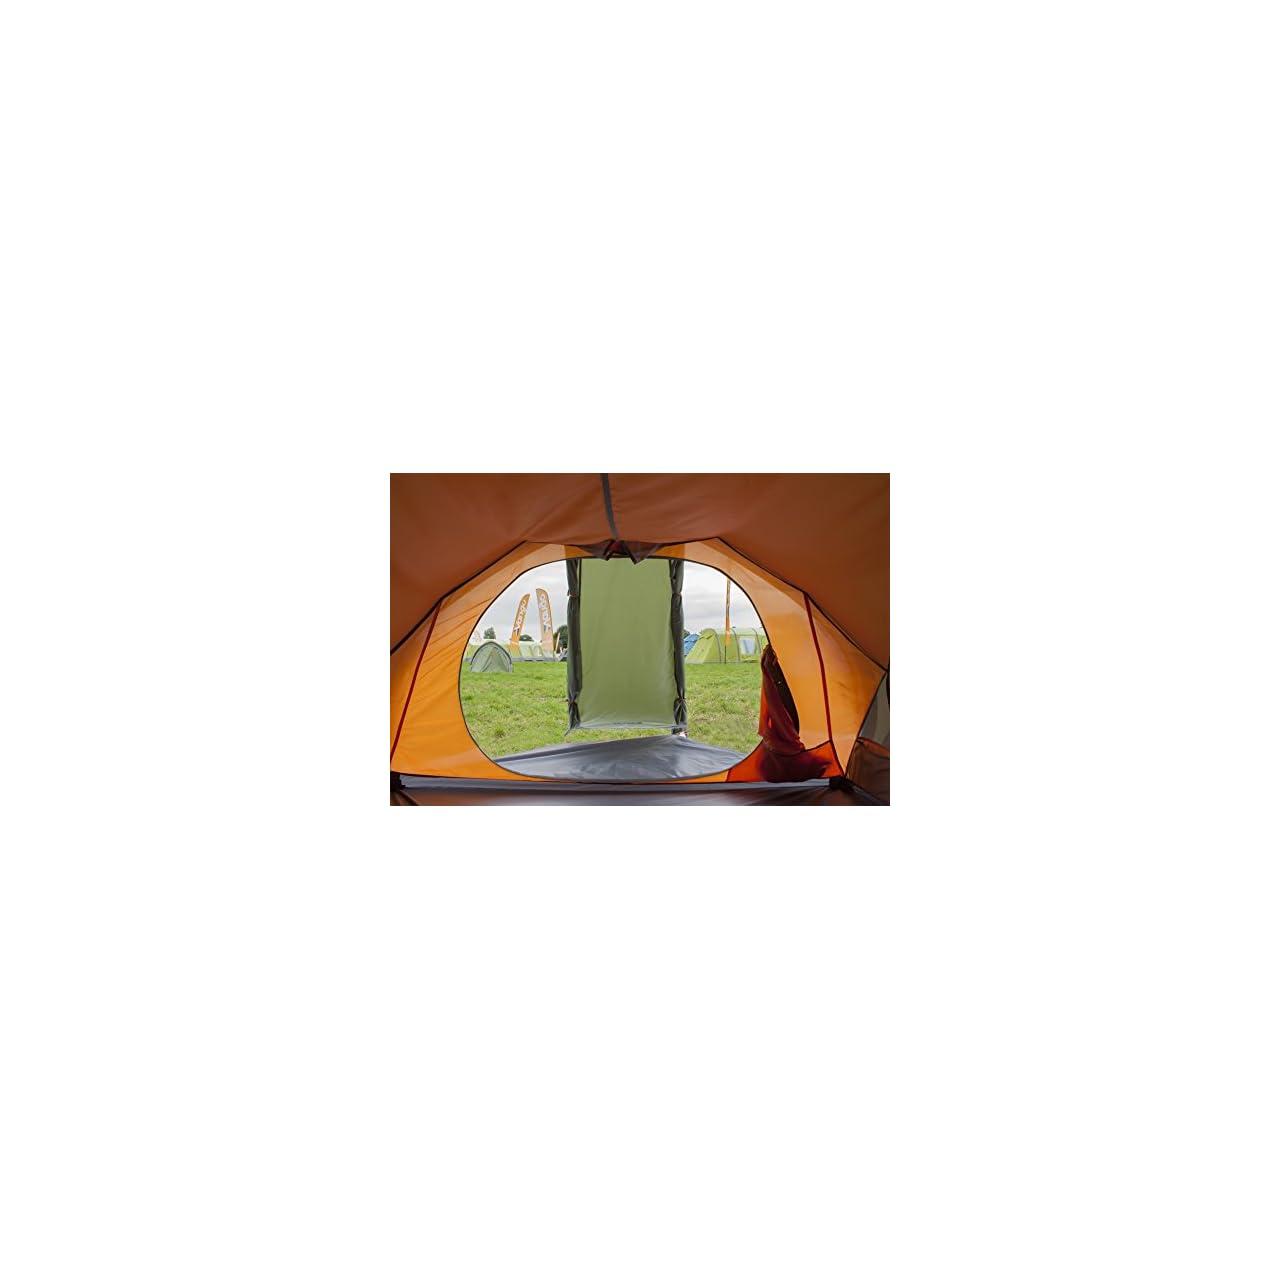 tenty.co.uk Tent Category shop